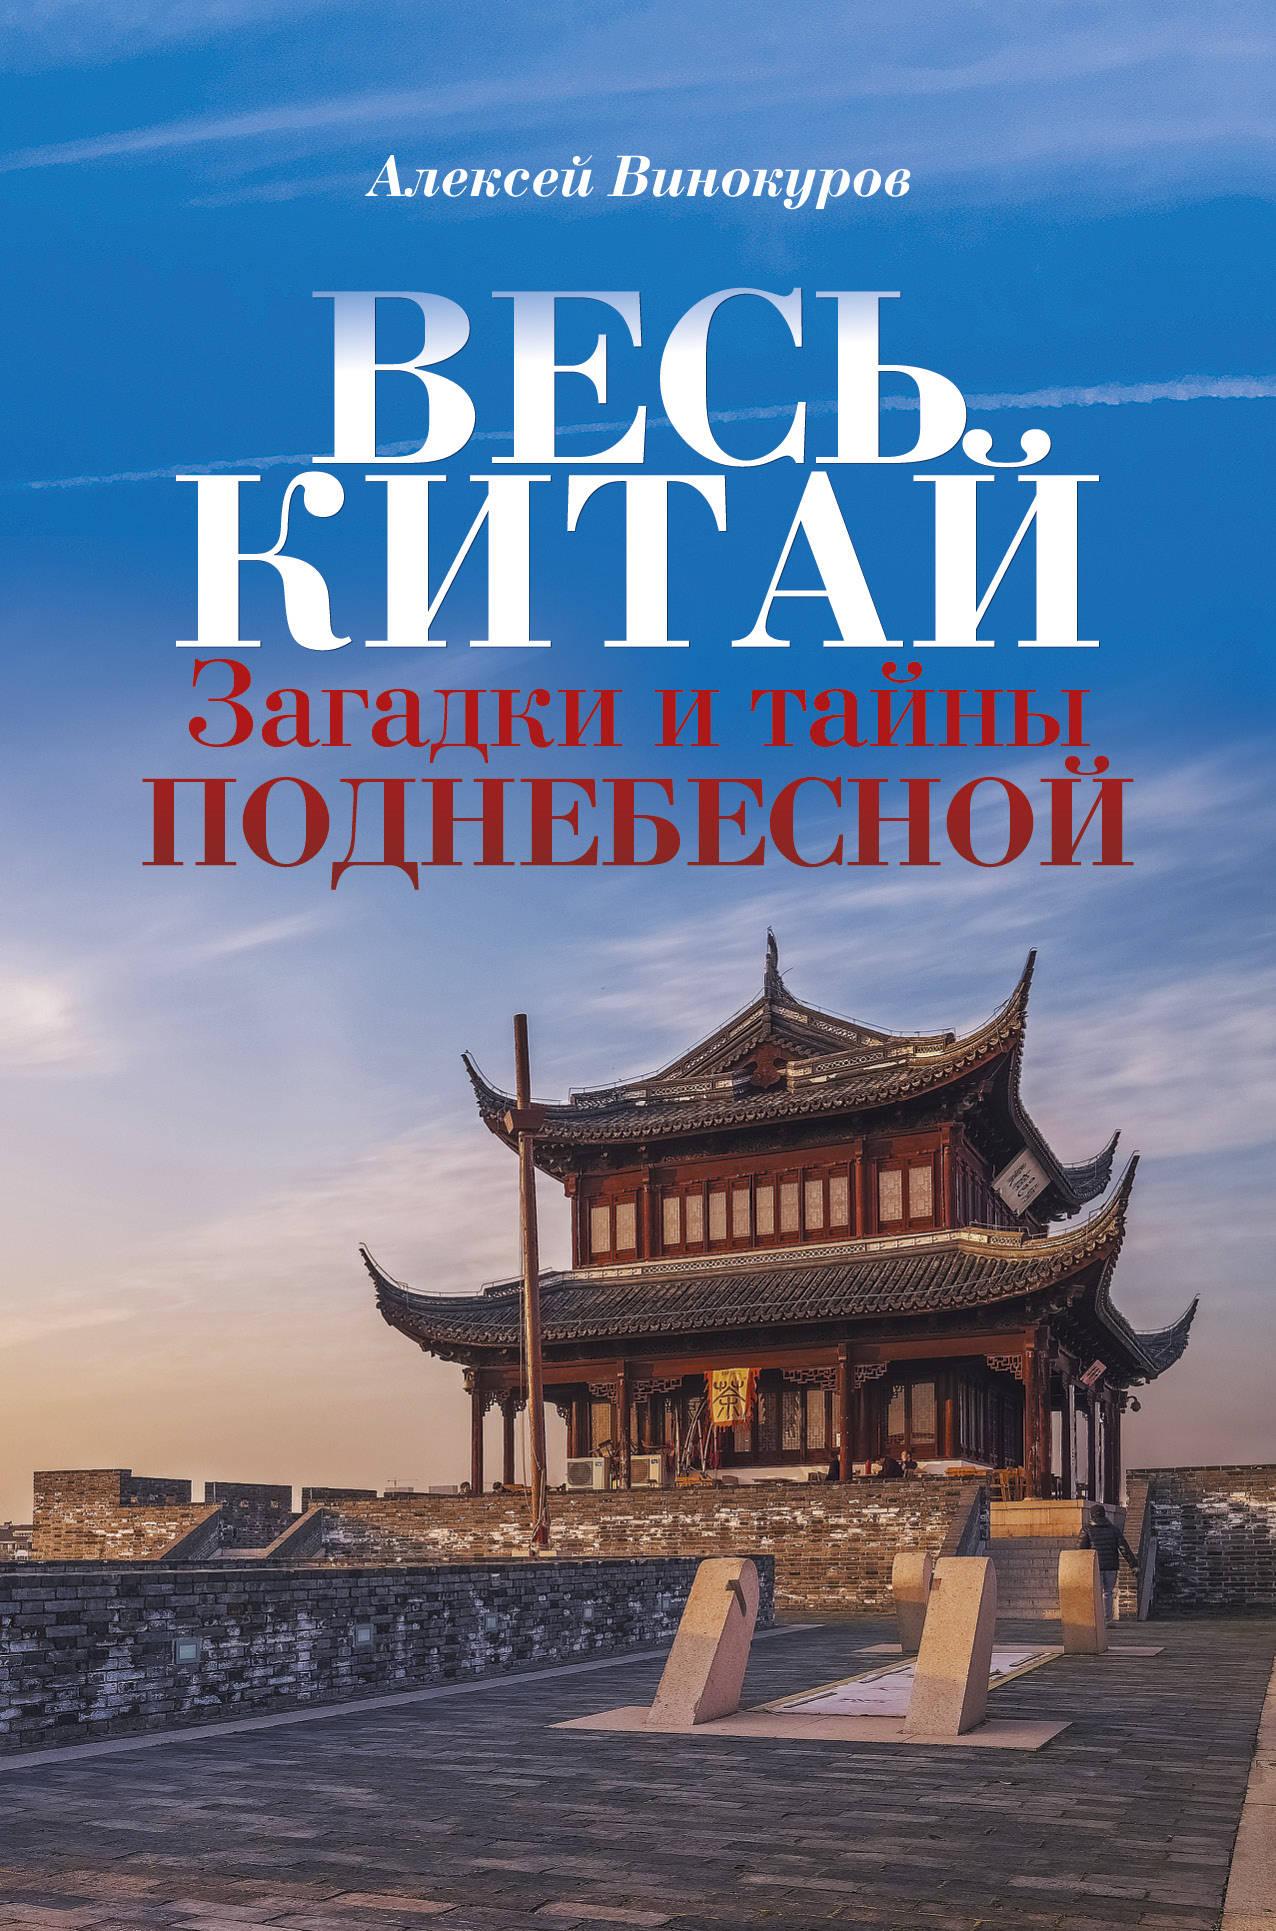 Алексей Винокуров Весь Китай. Загадки и тайны Поднебесной